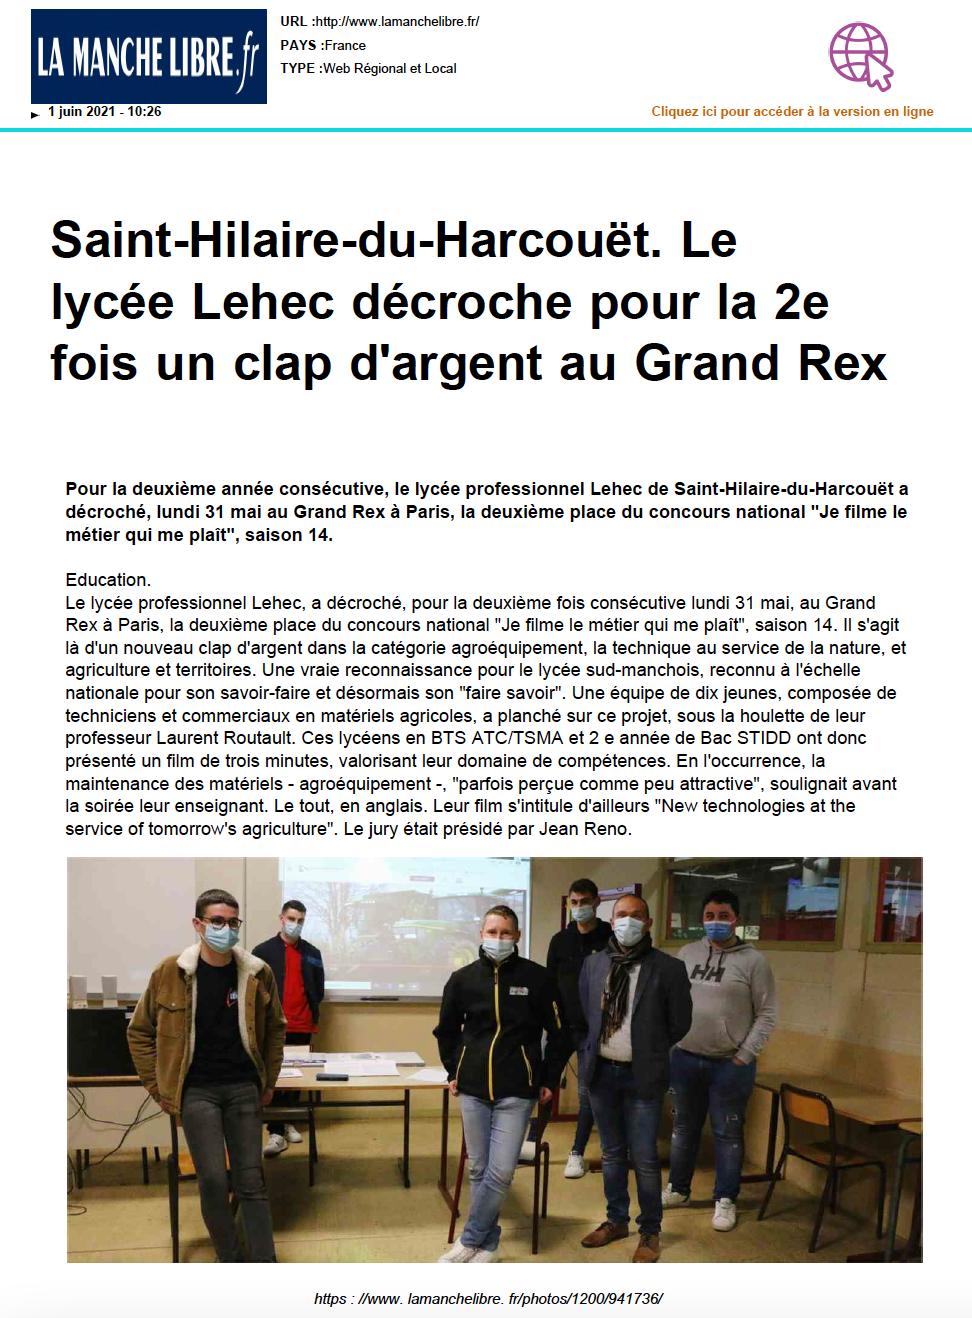 La Manche Libre.fr- 01/06/2021